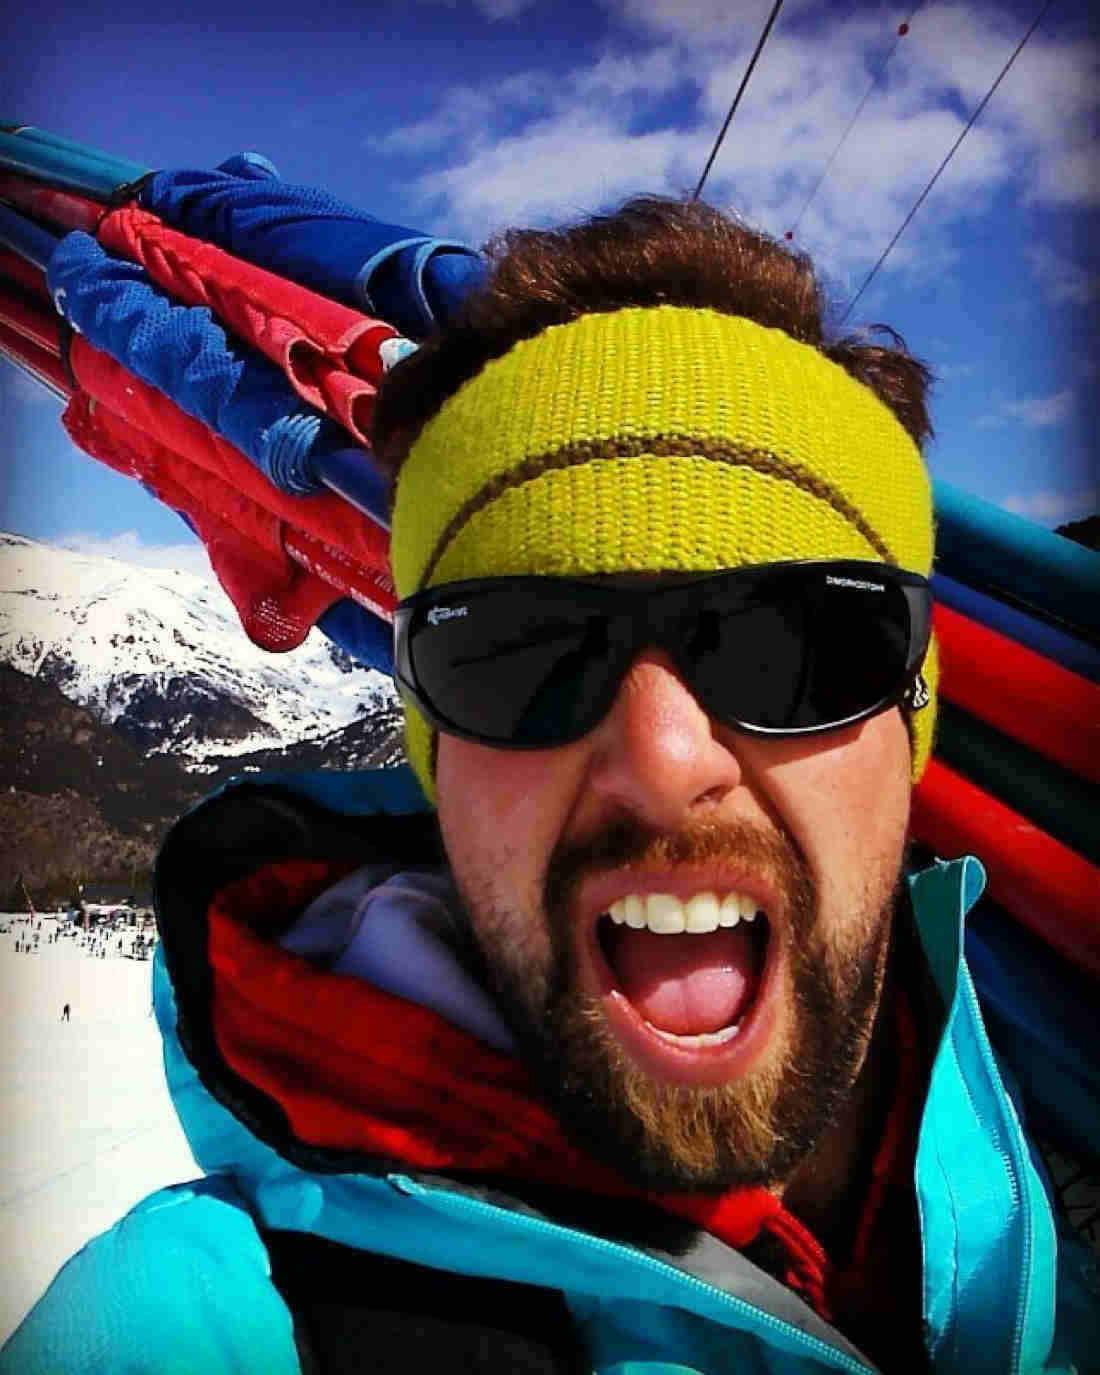 Occhiali da sci per sciare in ghiacciaio lenti fotocromatiche MAKALU